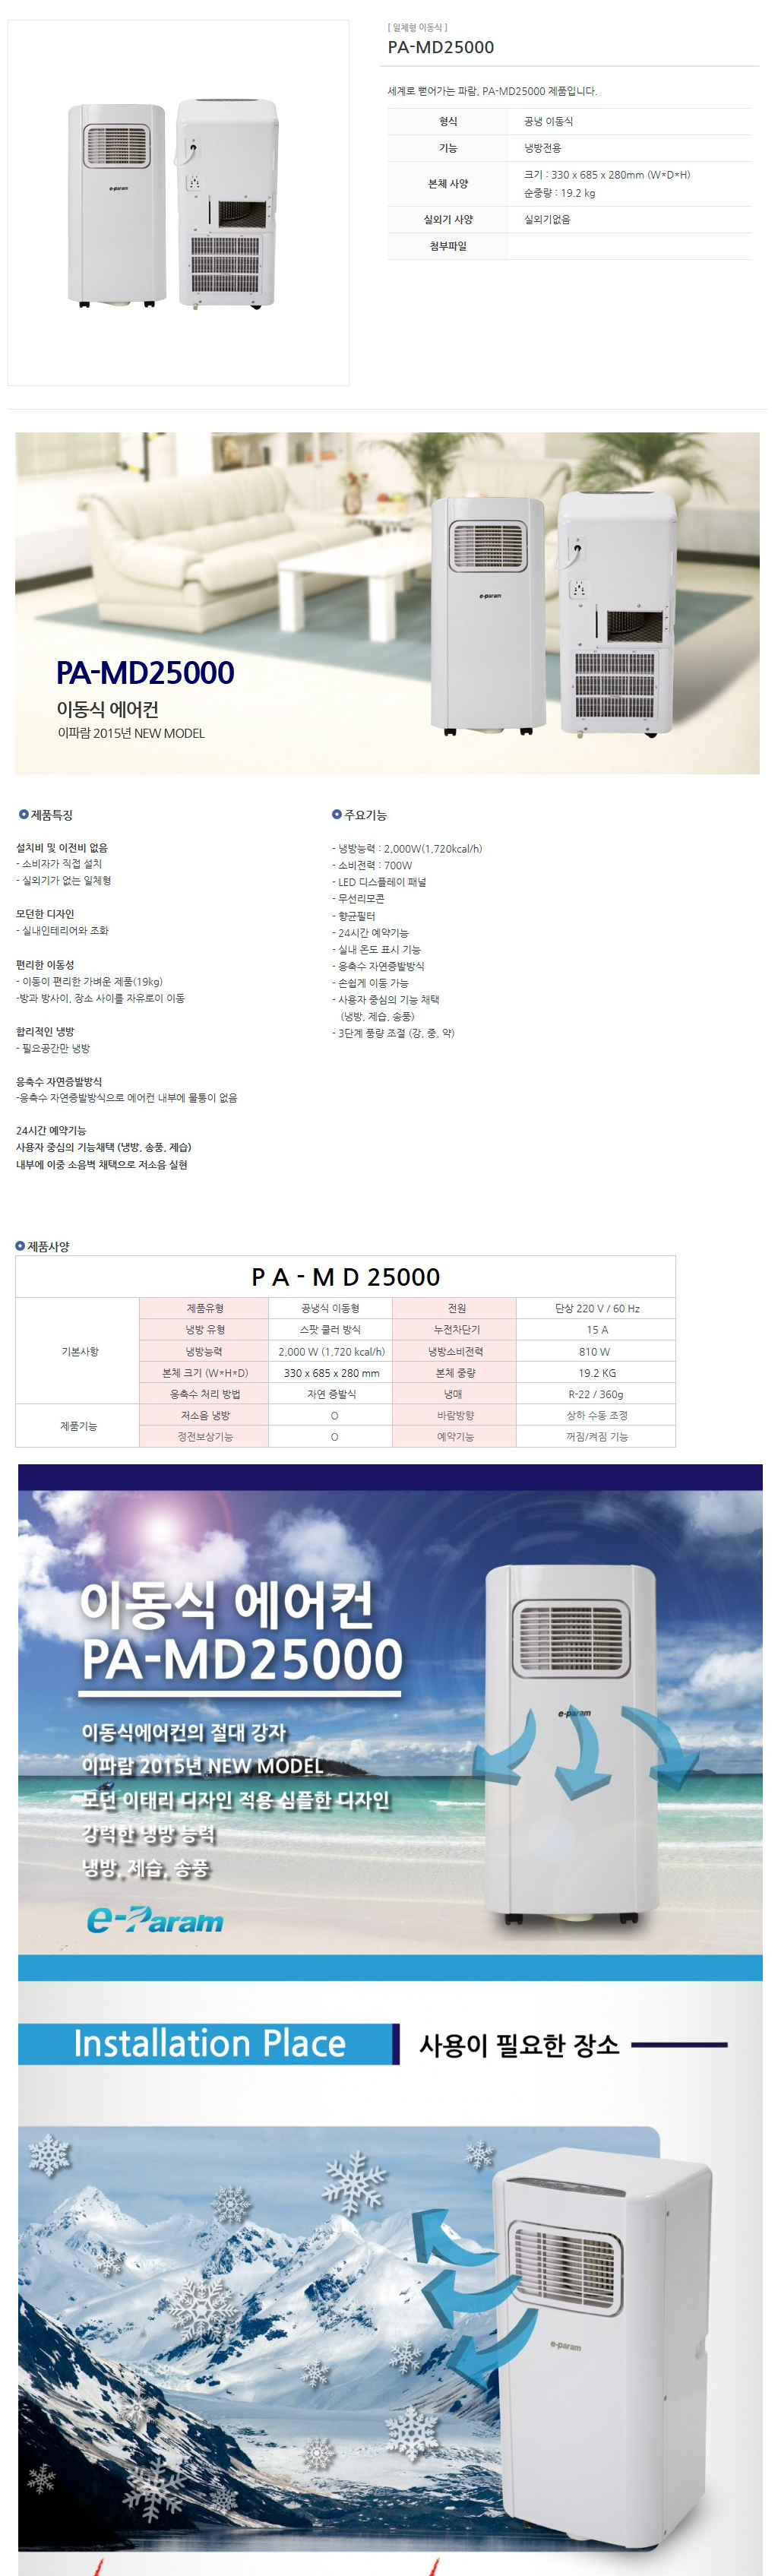 (주)파람 이동식 에어컨 PA-MD25000